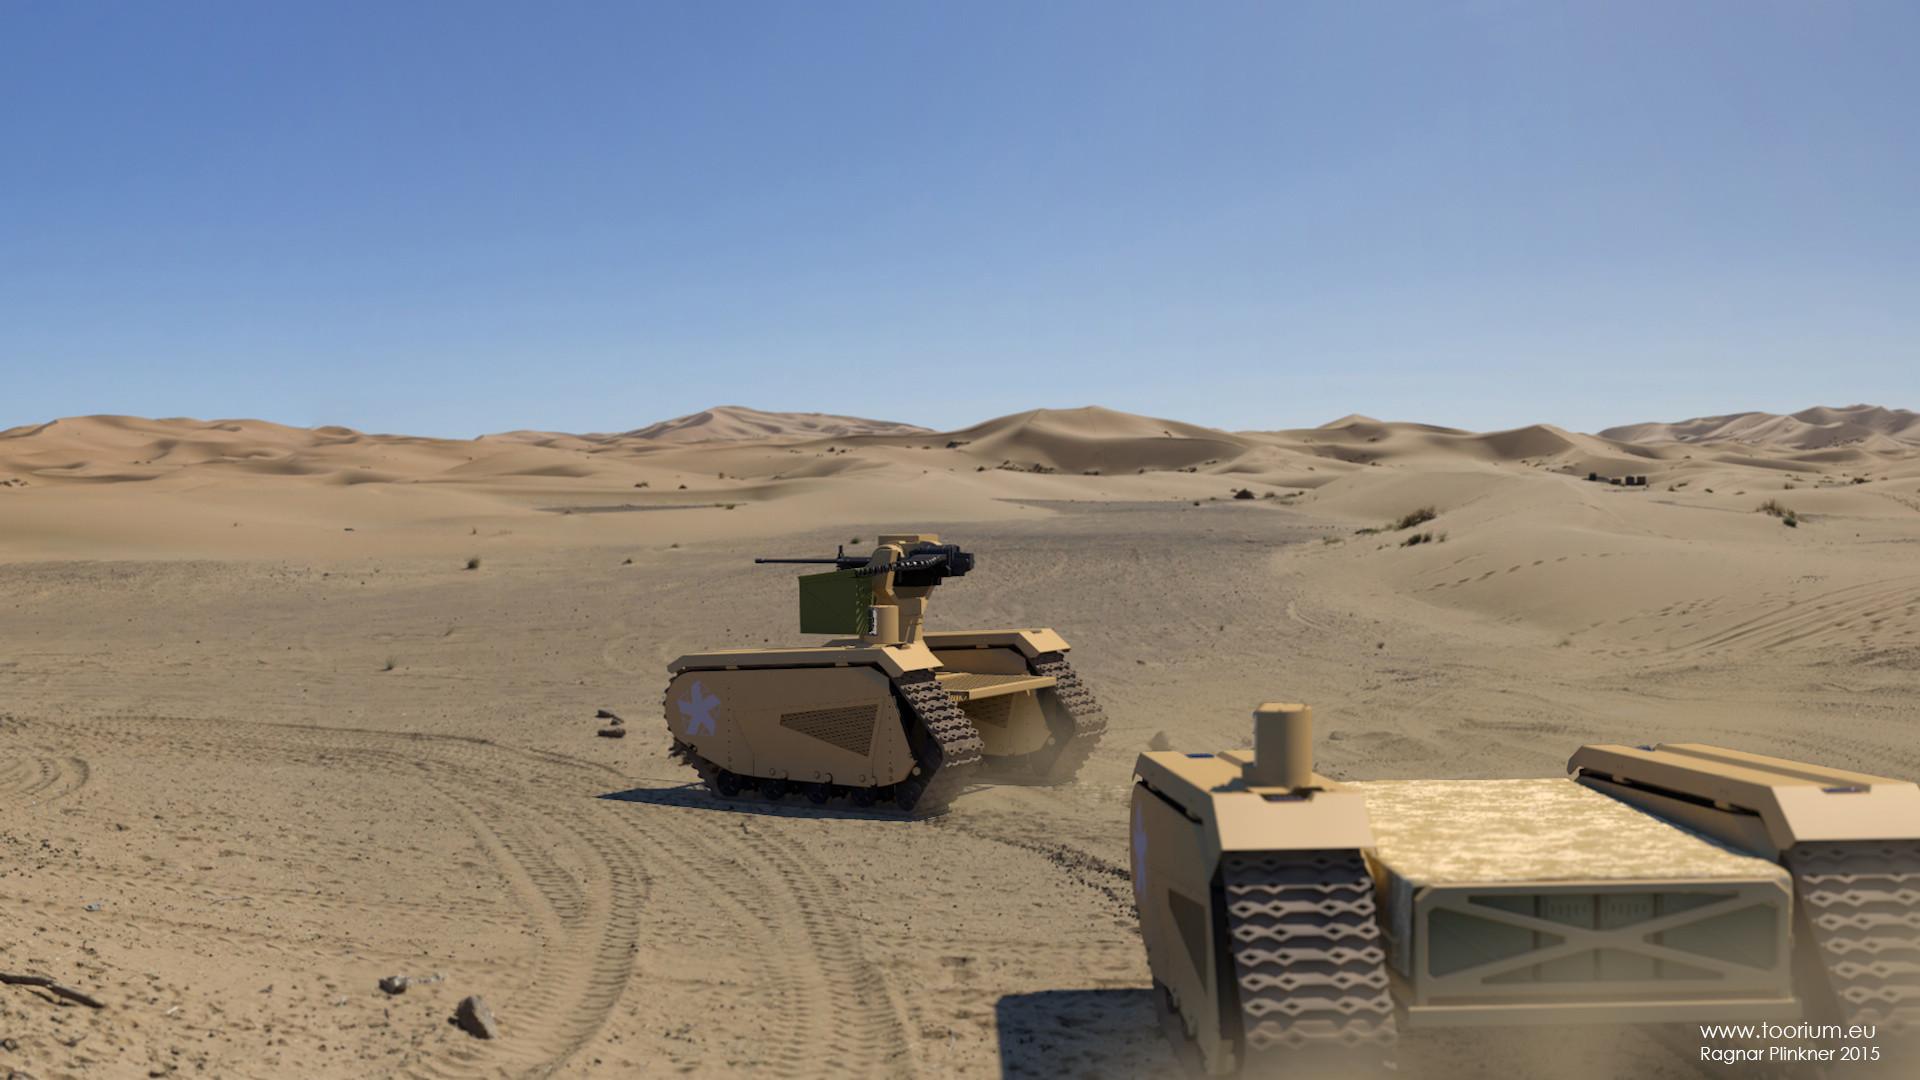 Ragnar plinkner ugv military desert scene